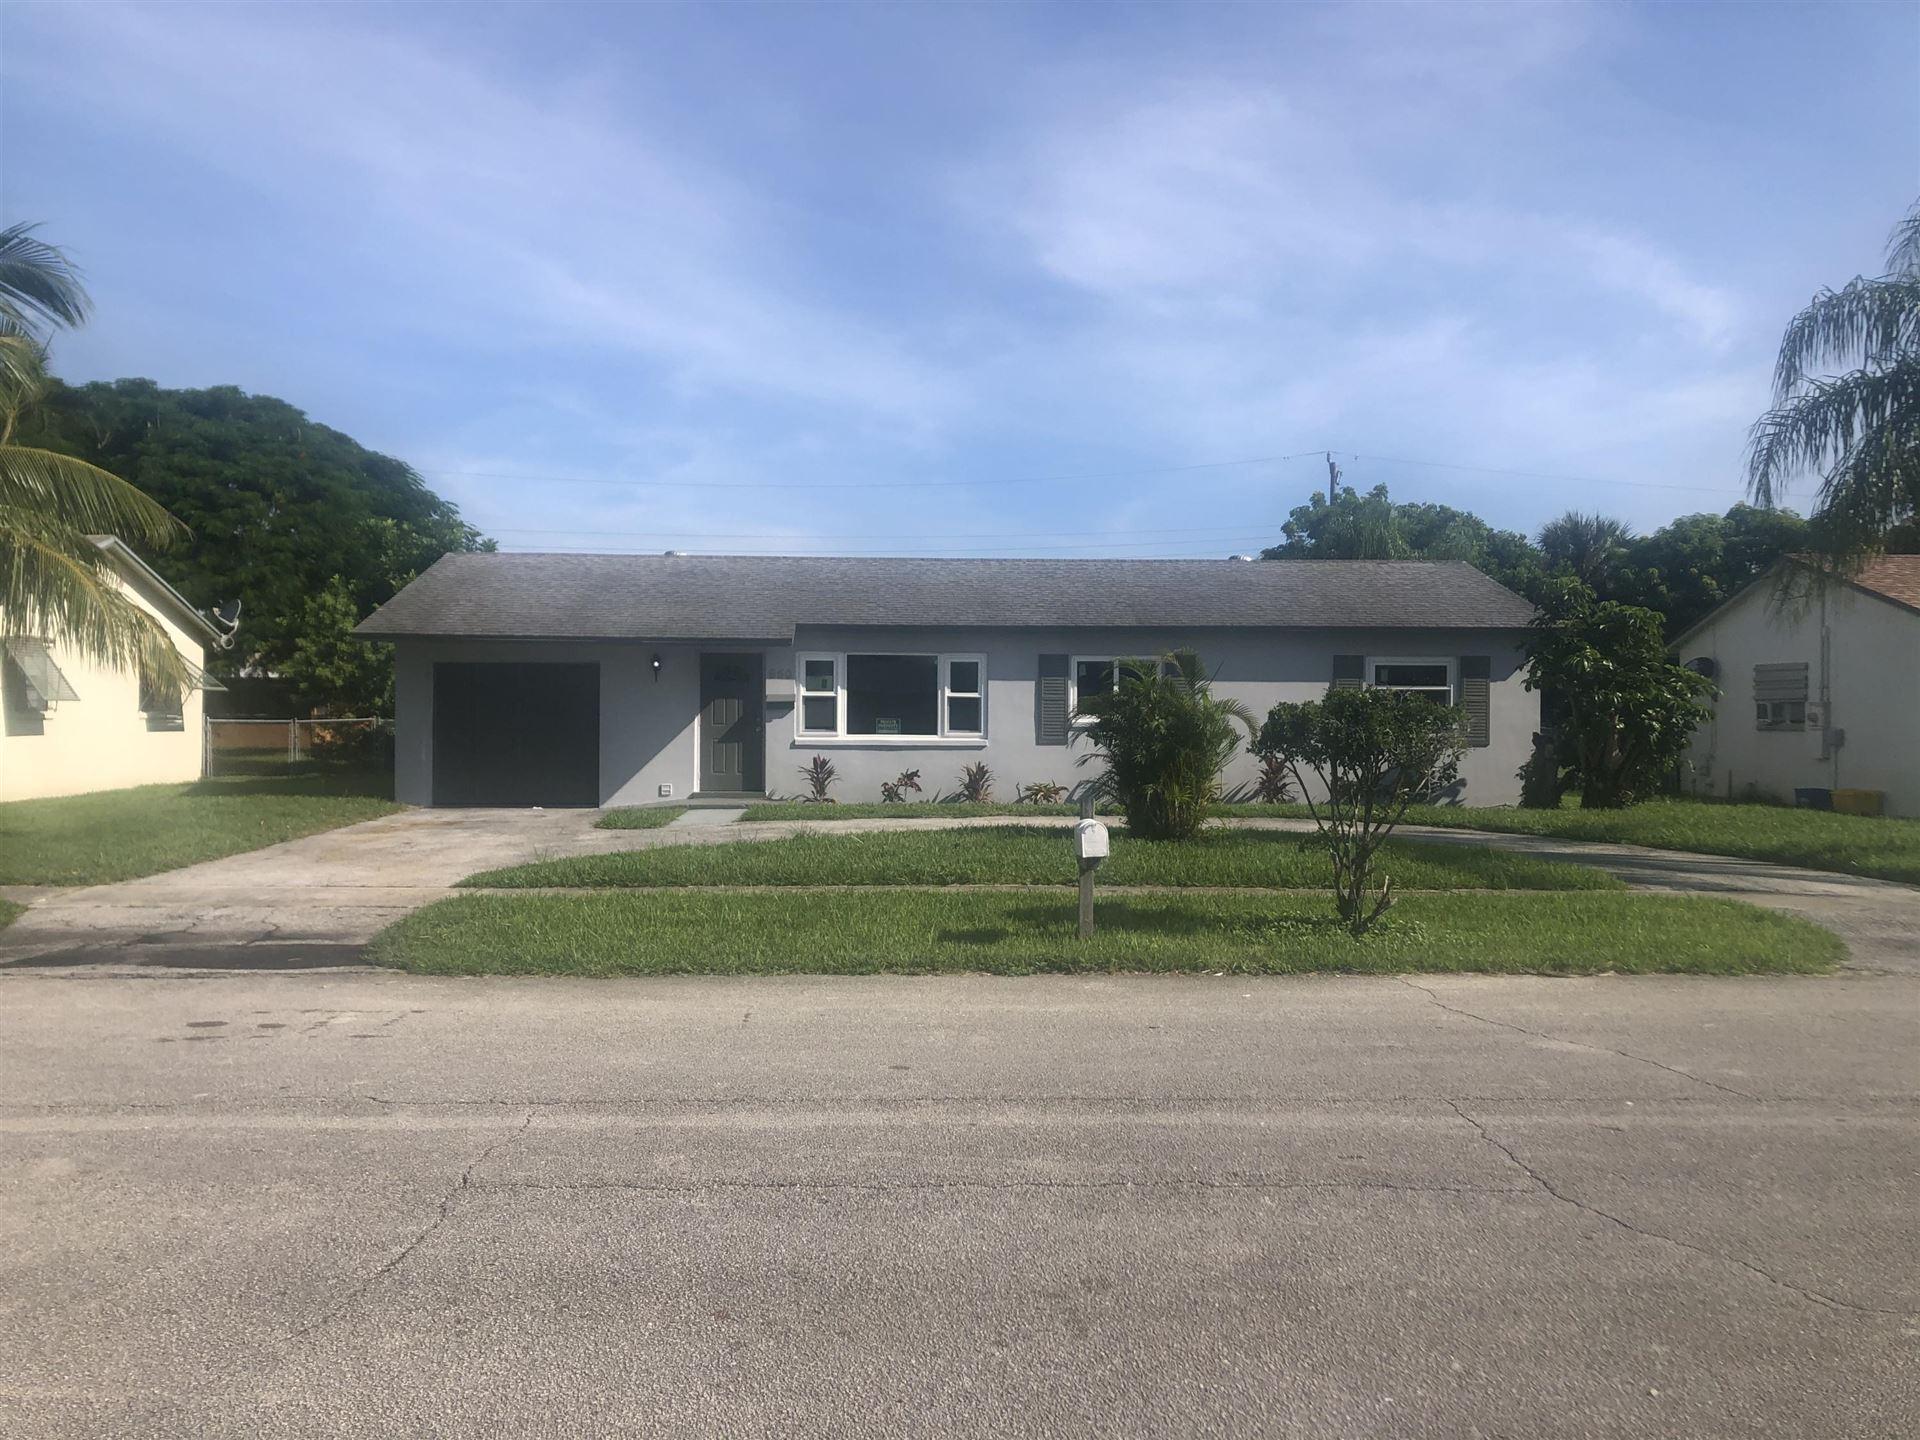 Photo of 650 W 36th Street, Riviera Beach, FL 33404 (MLS # RX-10656838)